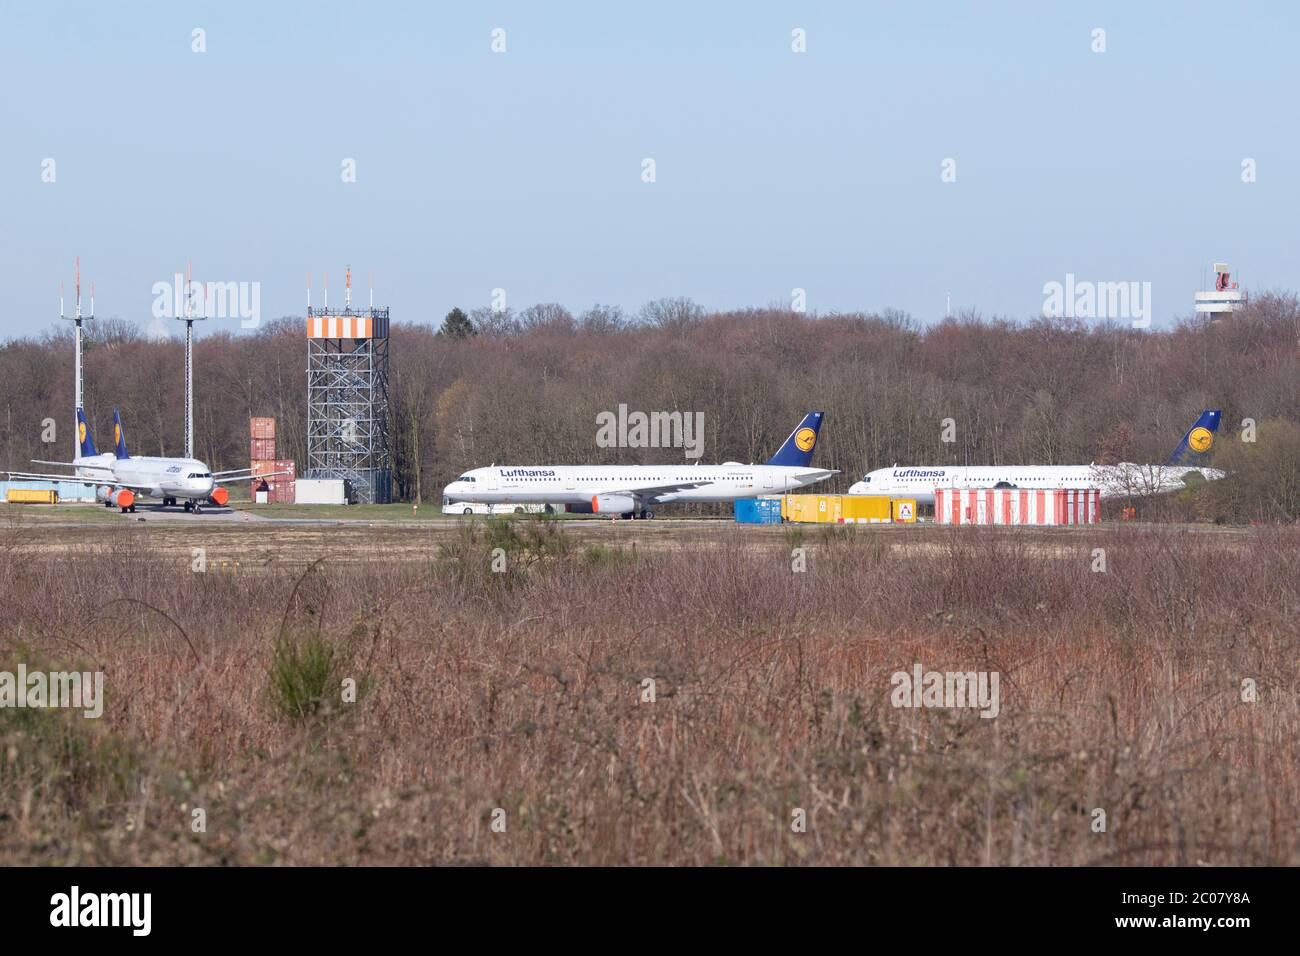 Abgestellte Flugzeuge als Folge der Flugannulierung im Zusammenhang mit der Corona-Krise am Flughafen Köln/Bonn. Köln; 22.03.2020 Stock Photo